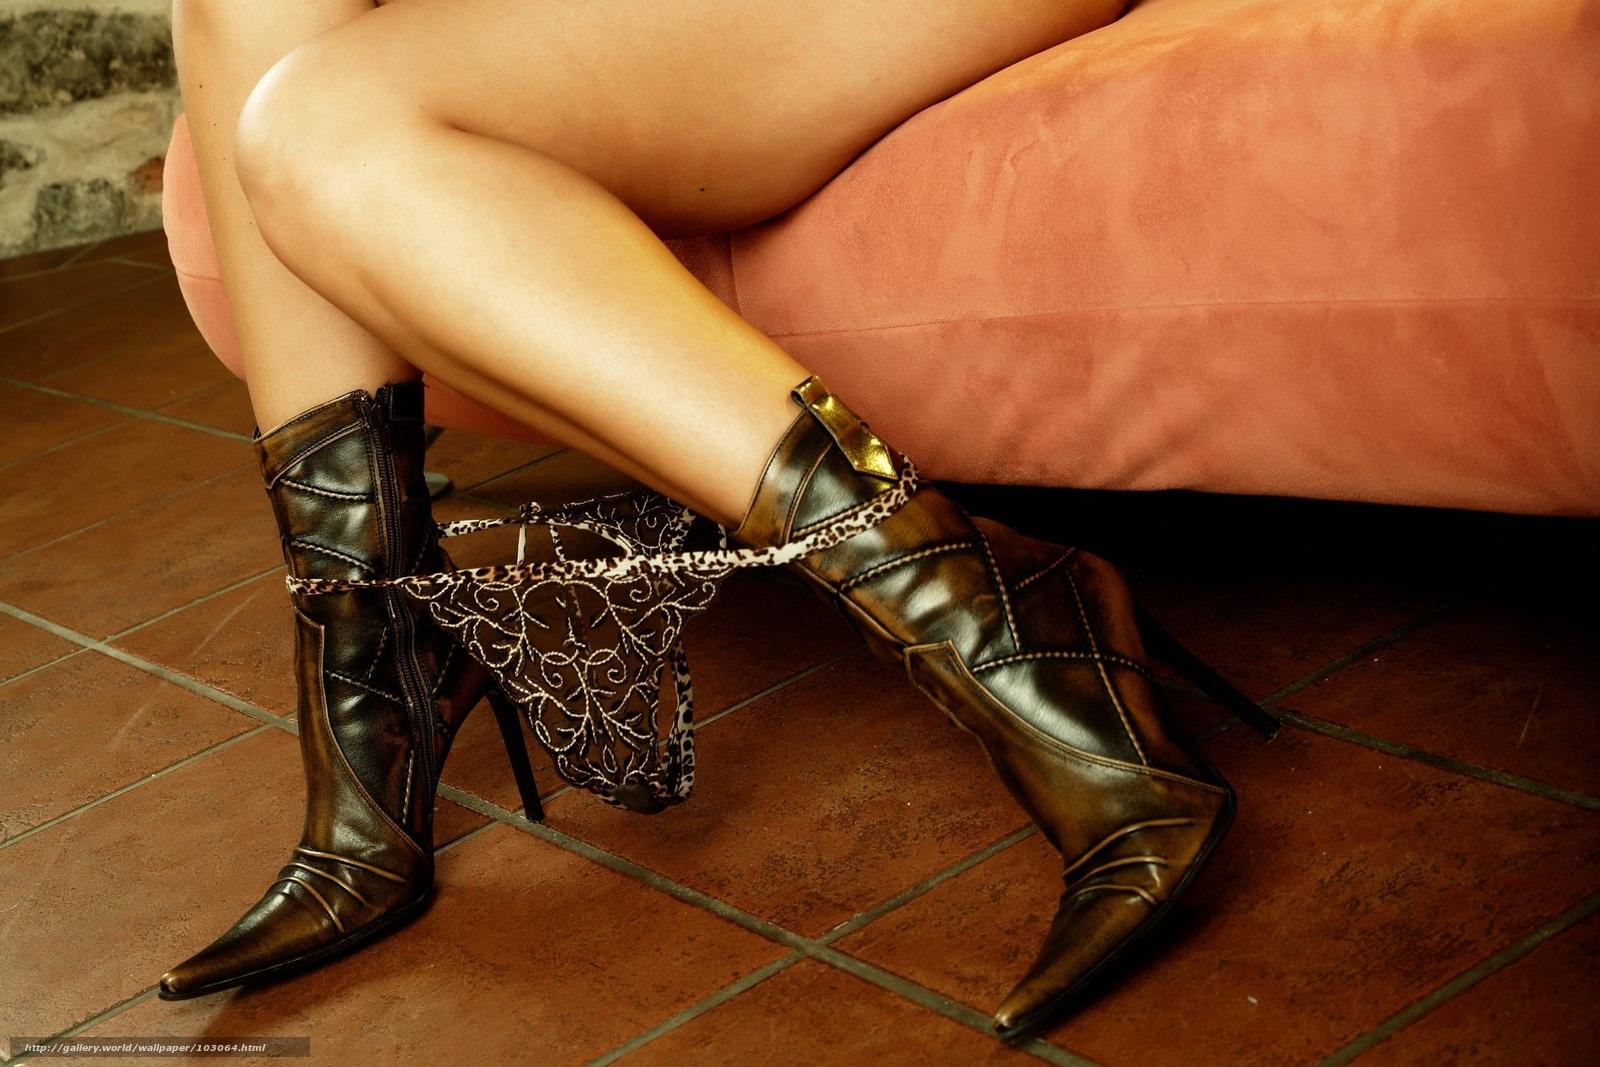 Фото ног в трусиках открытых 19 фотография